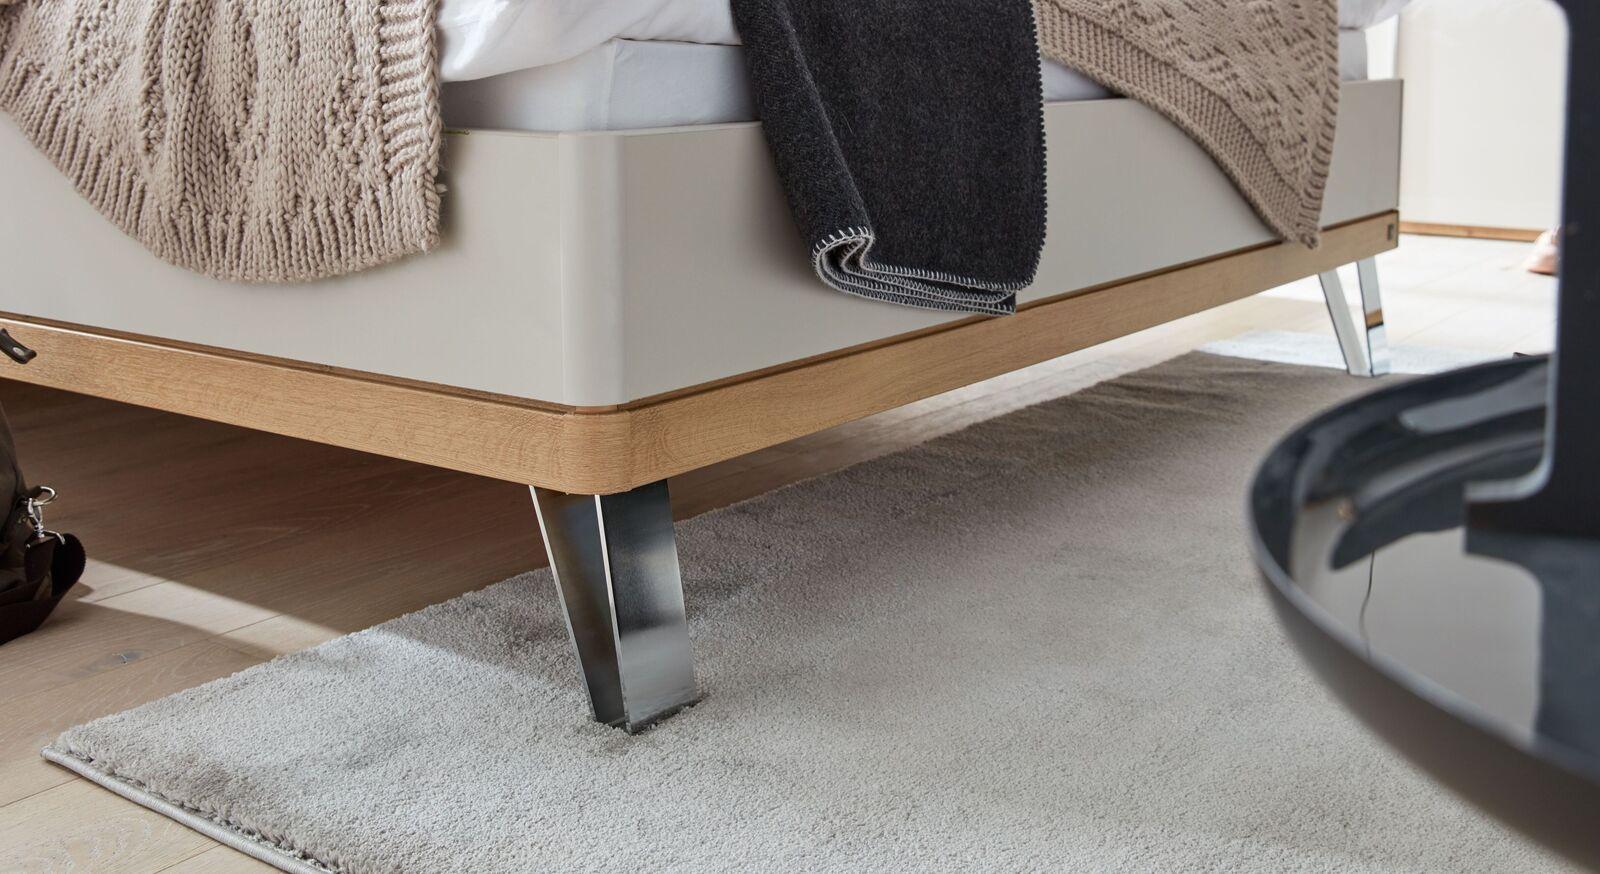 INTERLIVING Bett 1017 mit attraktivem Fußbereich